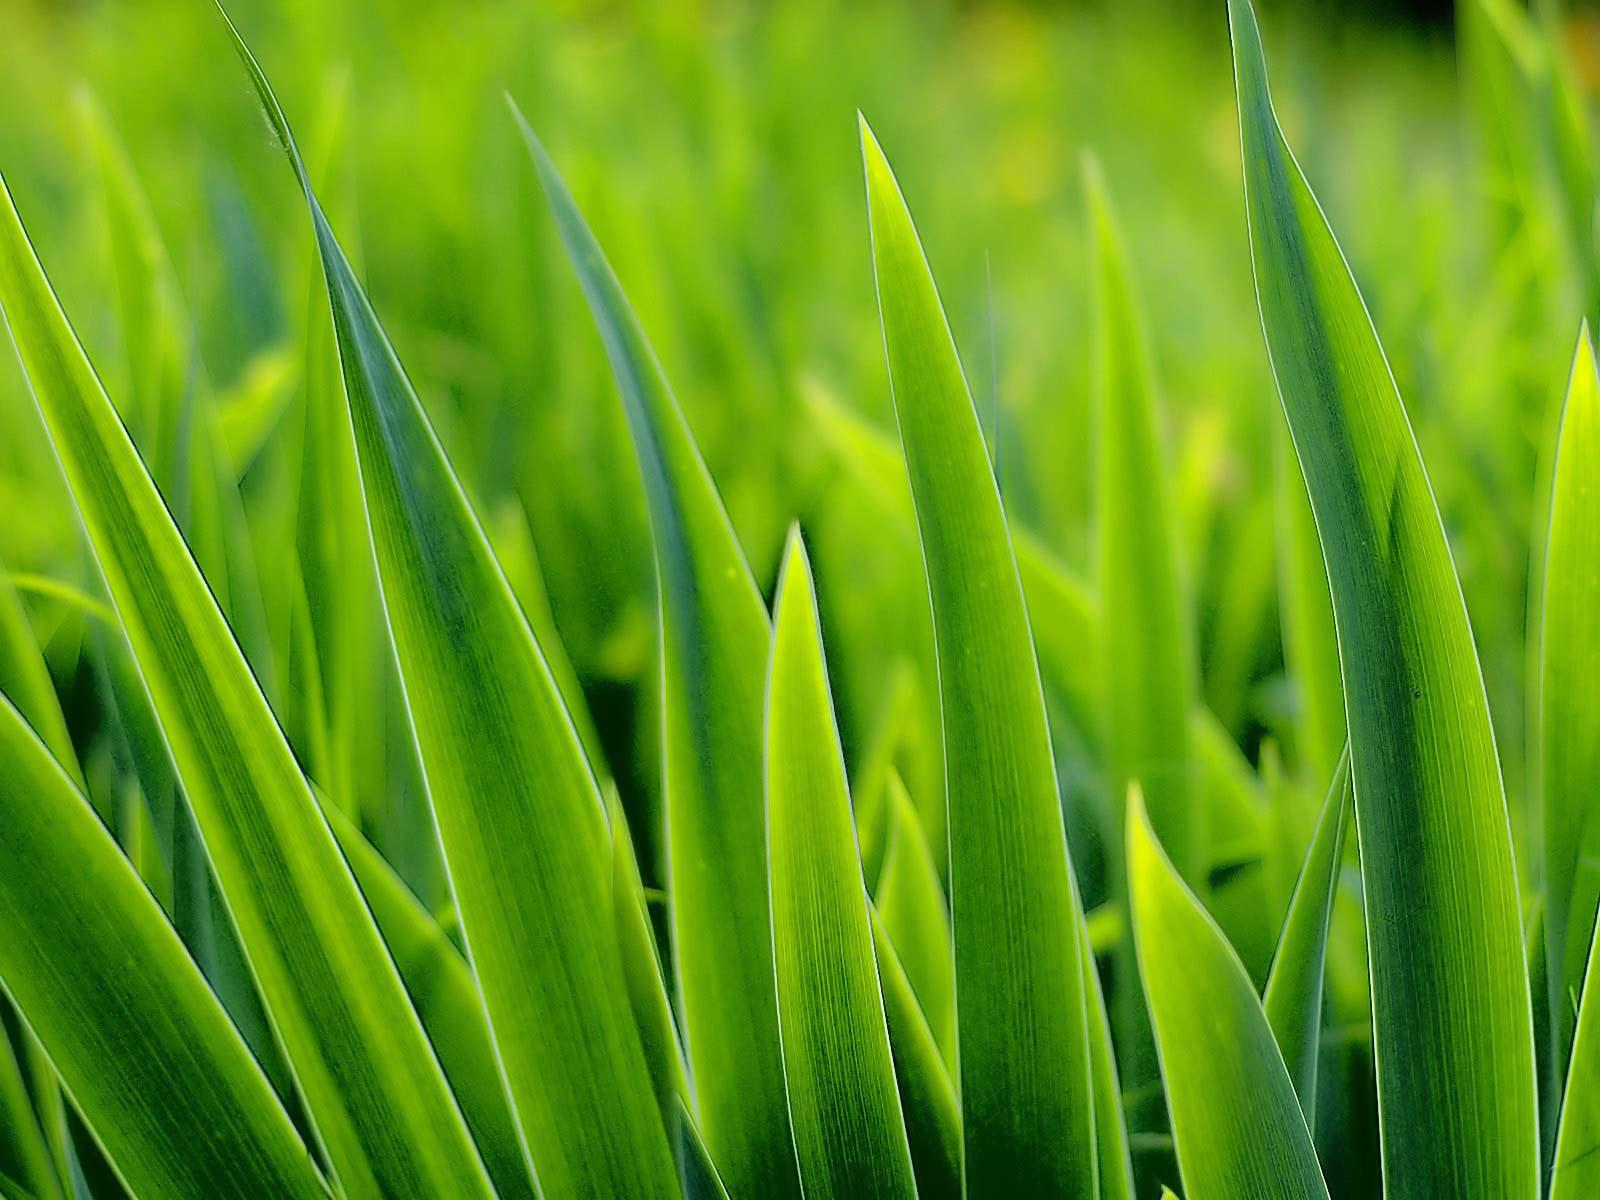 Обои для рабочего стола, трава, зеленая травка, grass